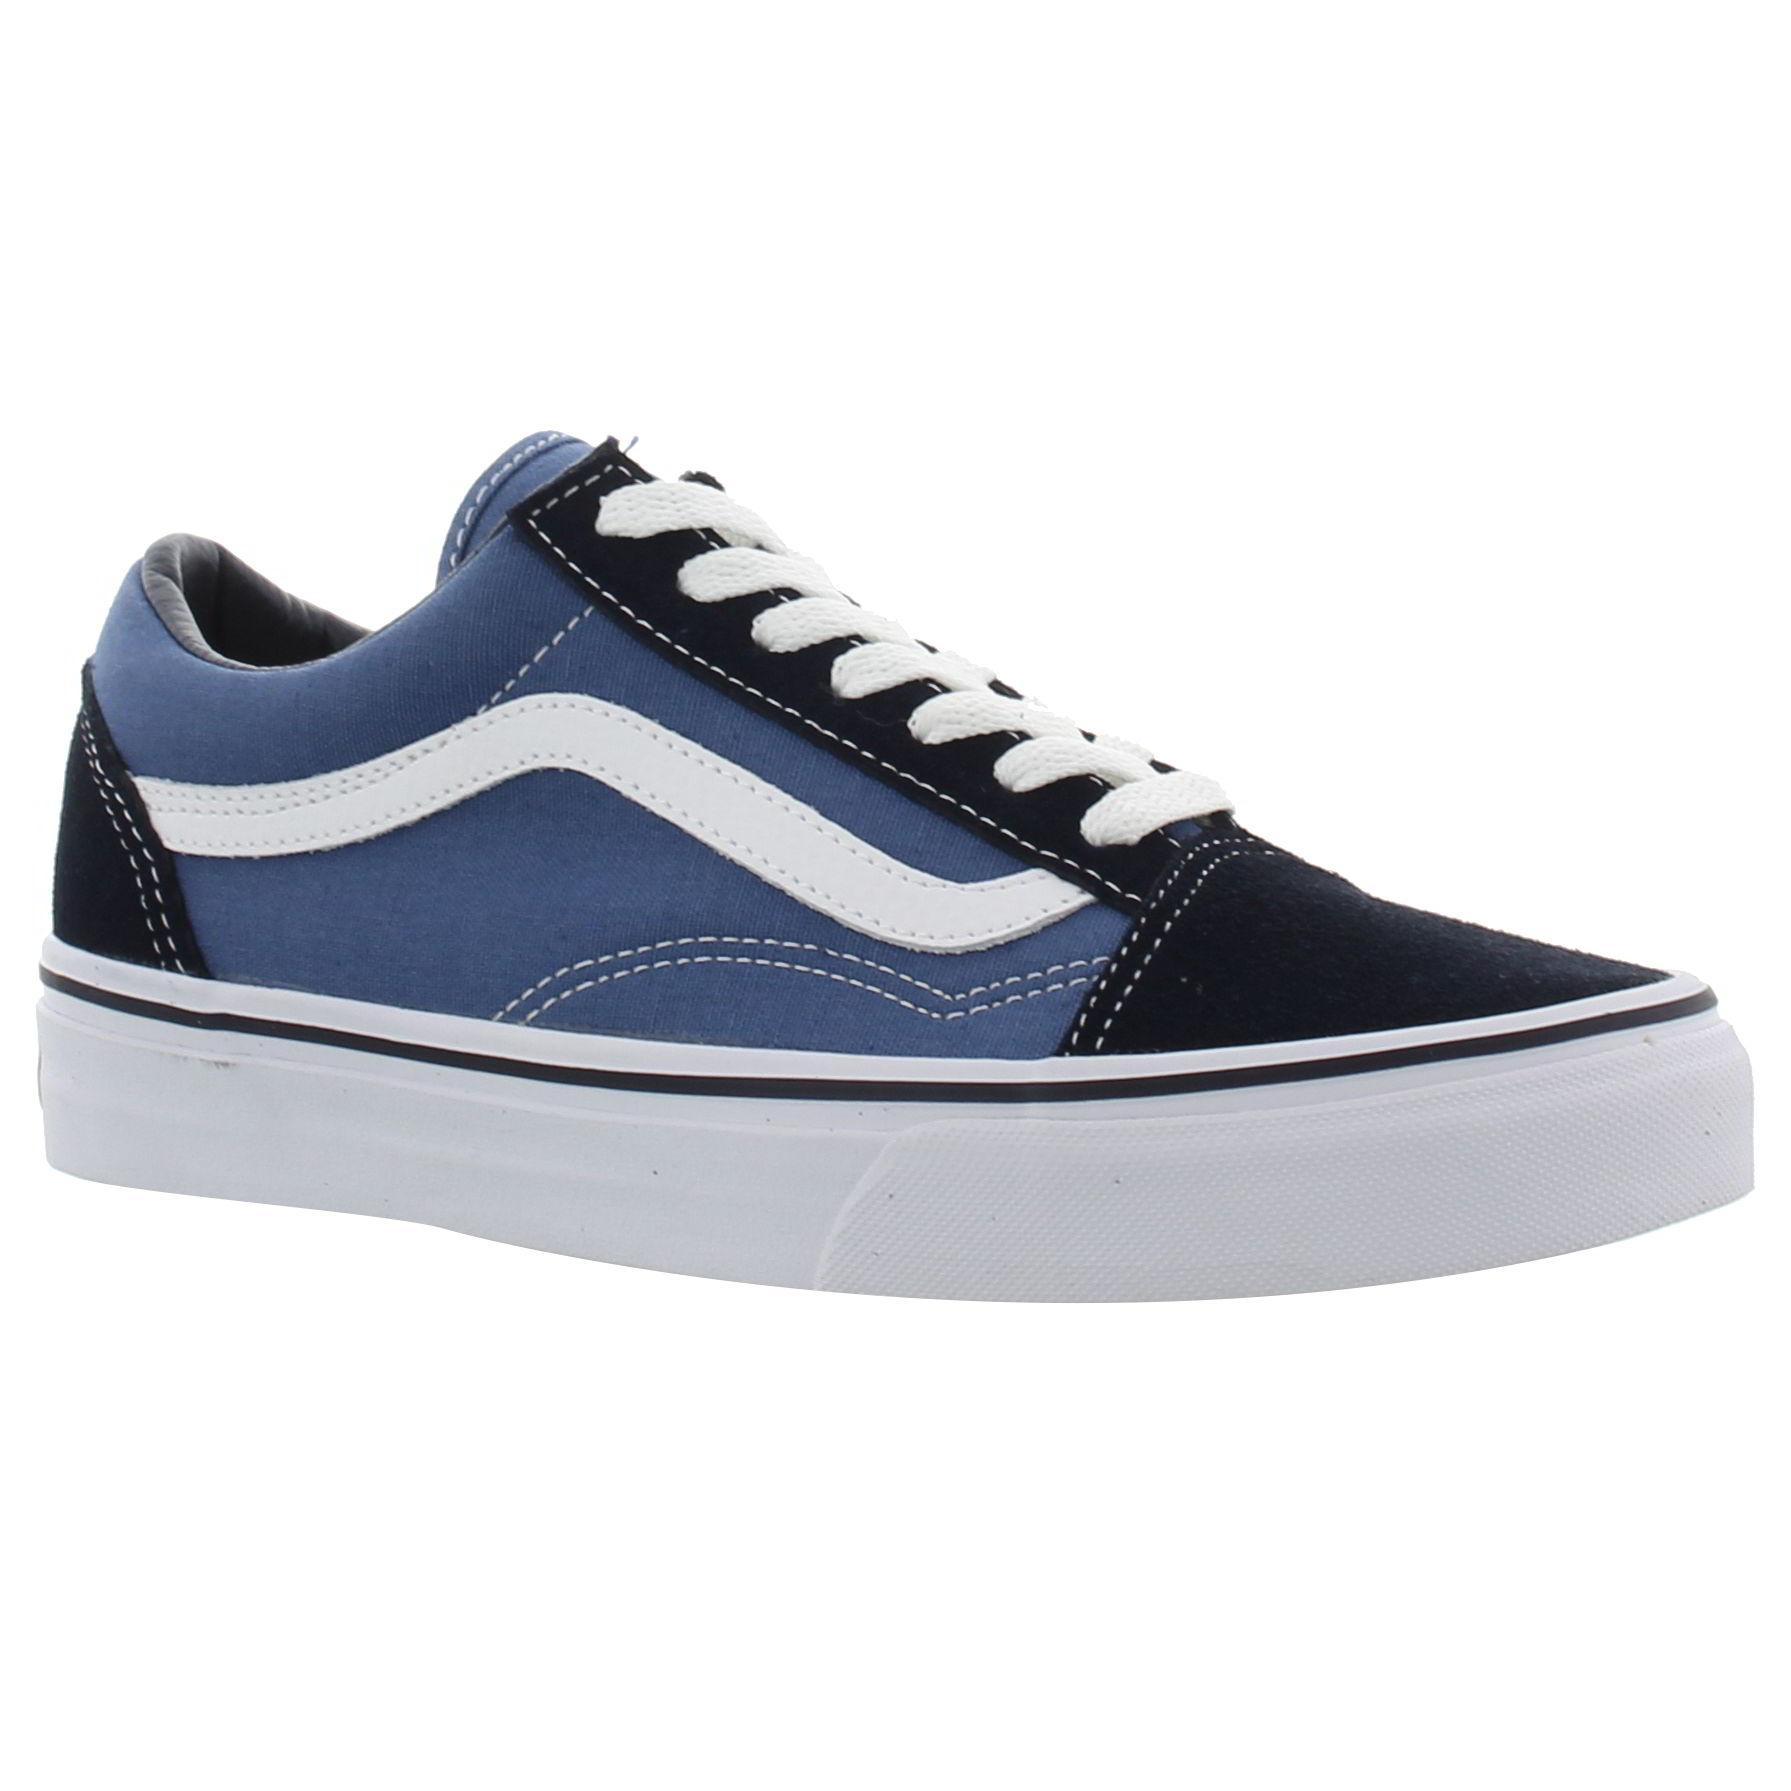 7546b47fee474 Dettagli su Vans Old Skool Blu Navy Uomo Donna Classico Scarpe Da  Ginnastica Da Skate Scarpe Misura 4-12- mostra il titolo originale